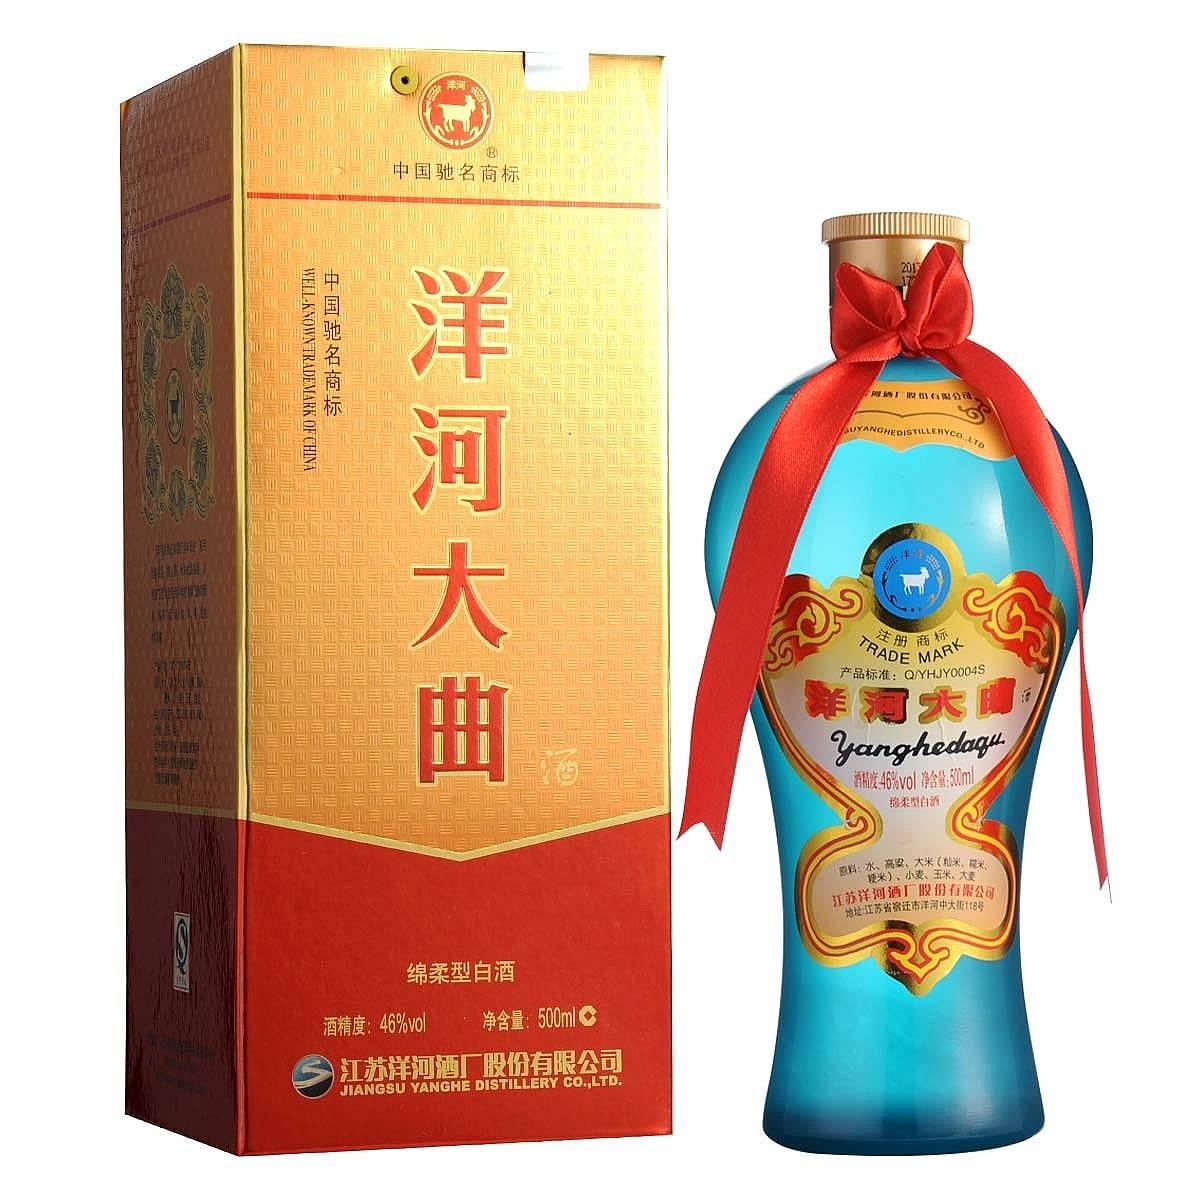 洋河 洋河 洋河大曲46度500毫升 新天蓝 酒价格表 洋河各地经销商 中国酒志网